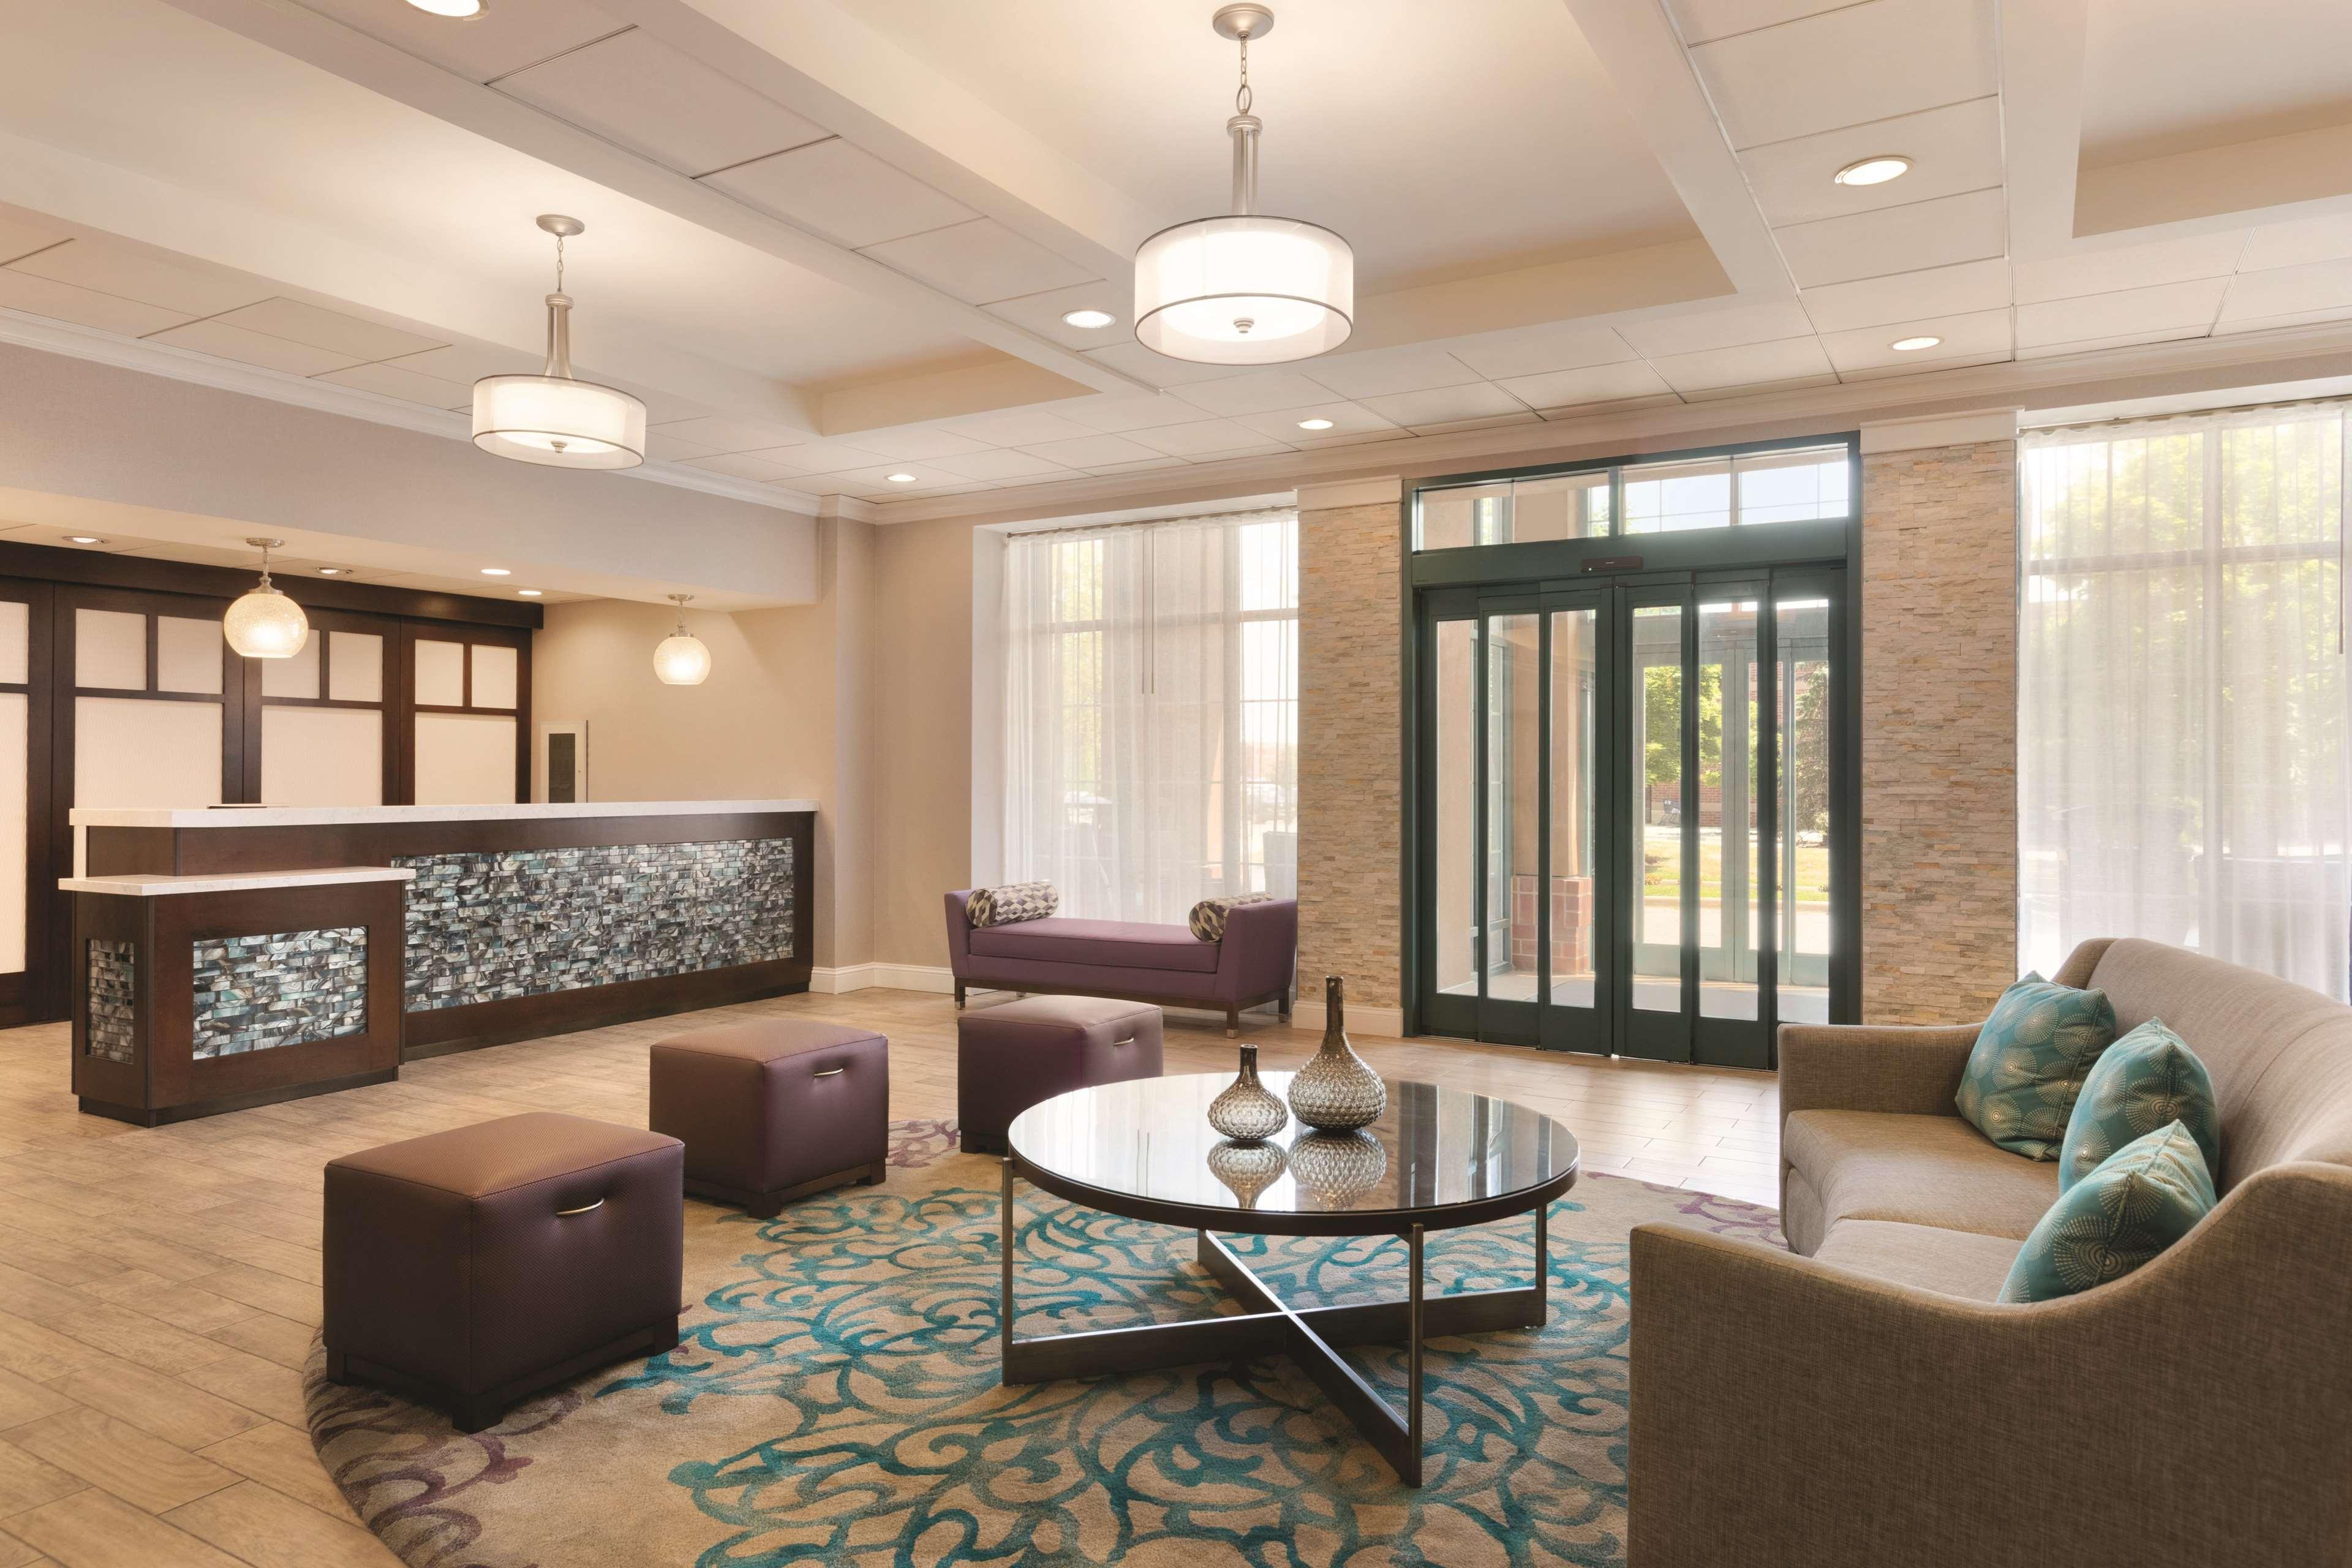 Homewood Suites by Hilton Detroit-Troy image 5